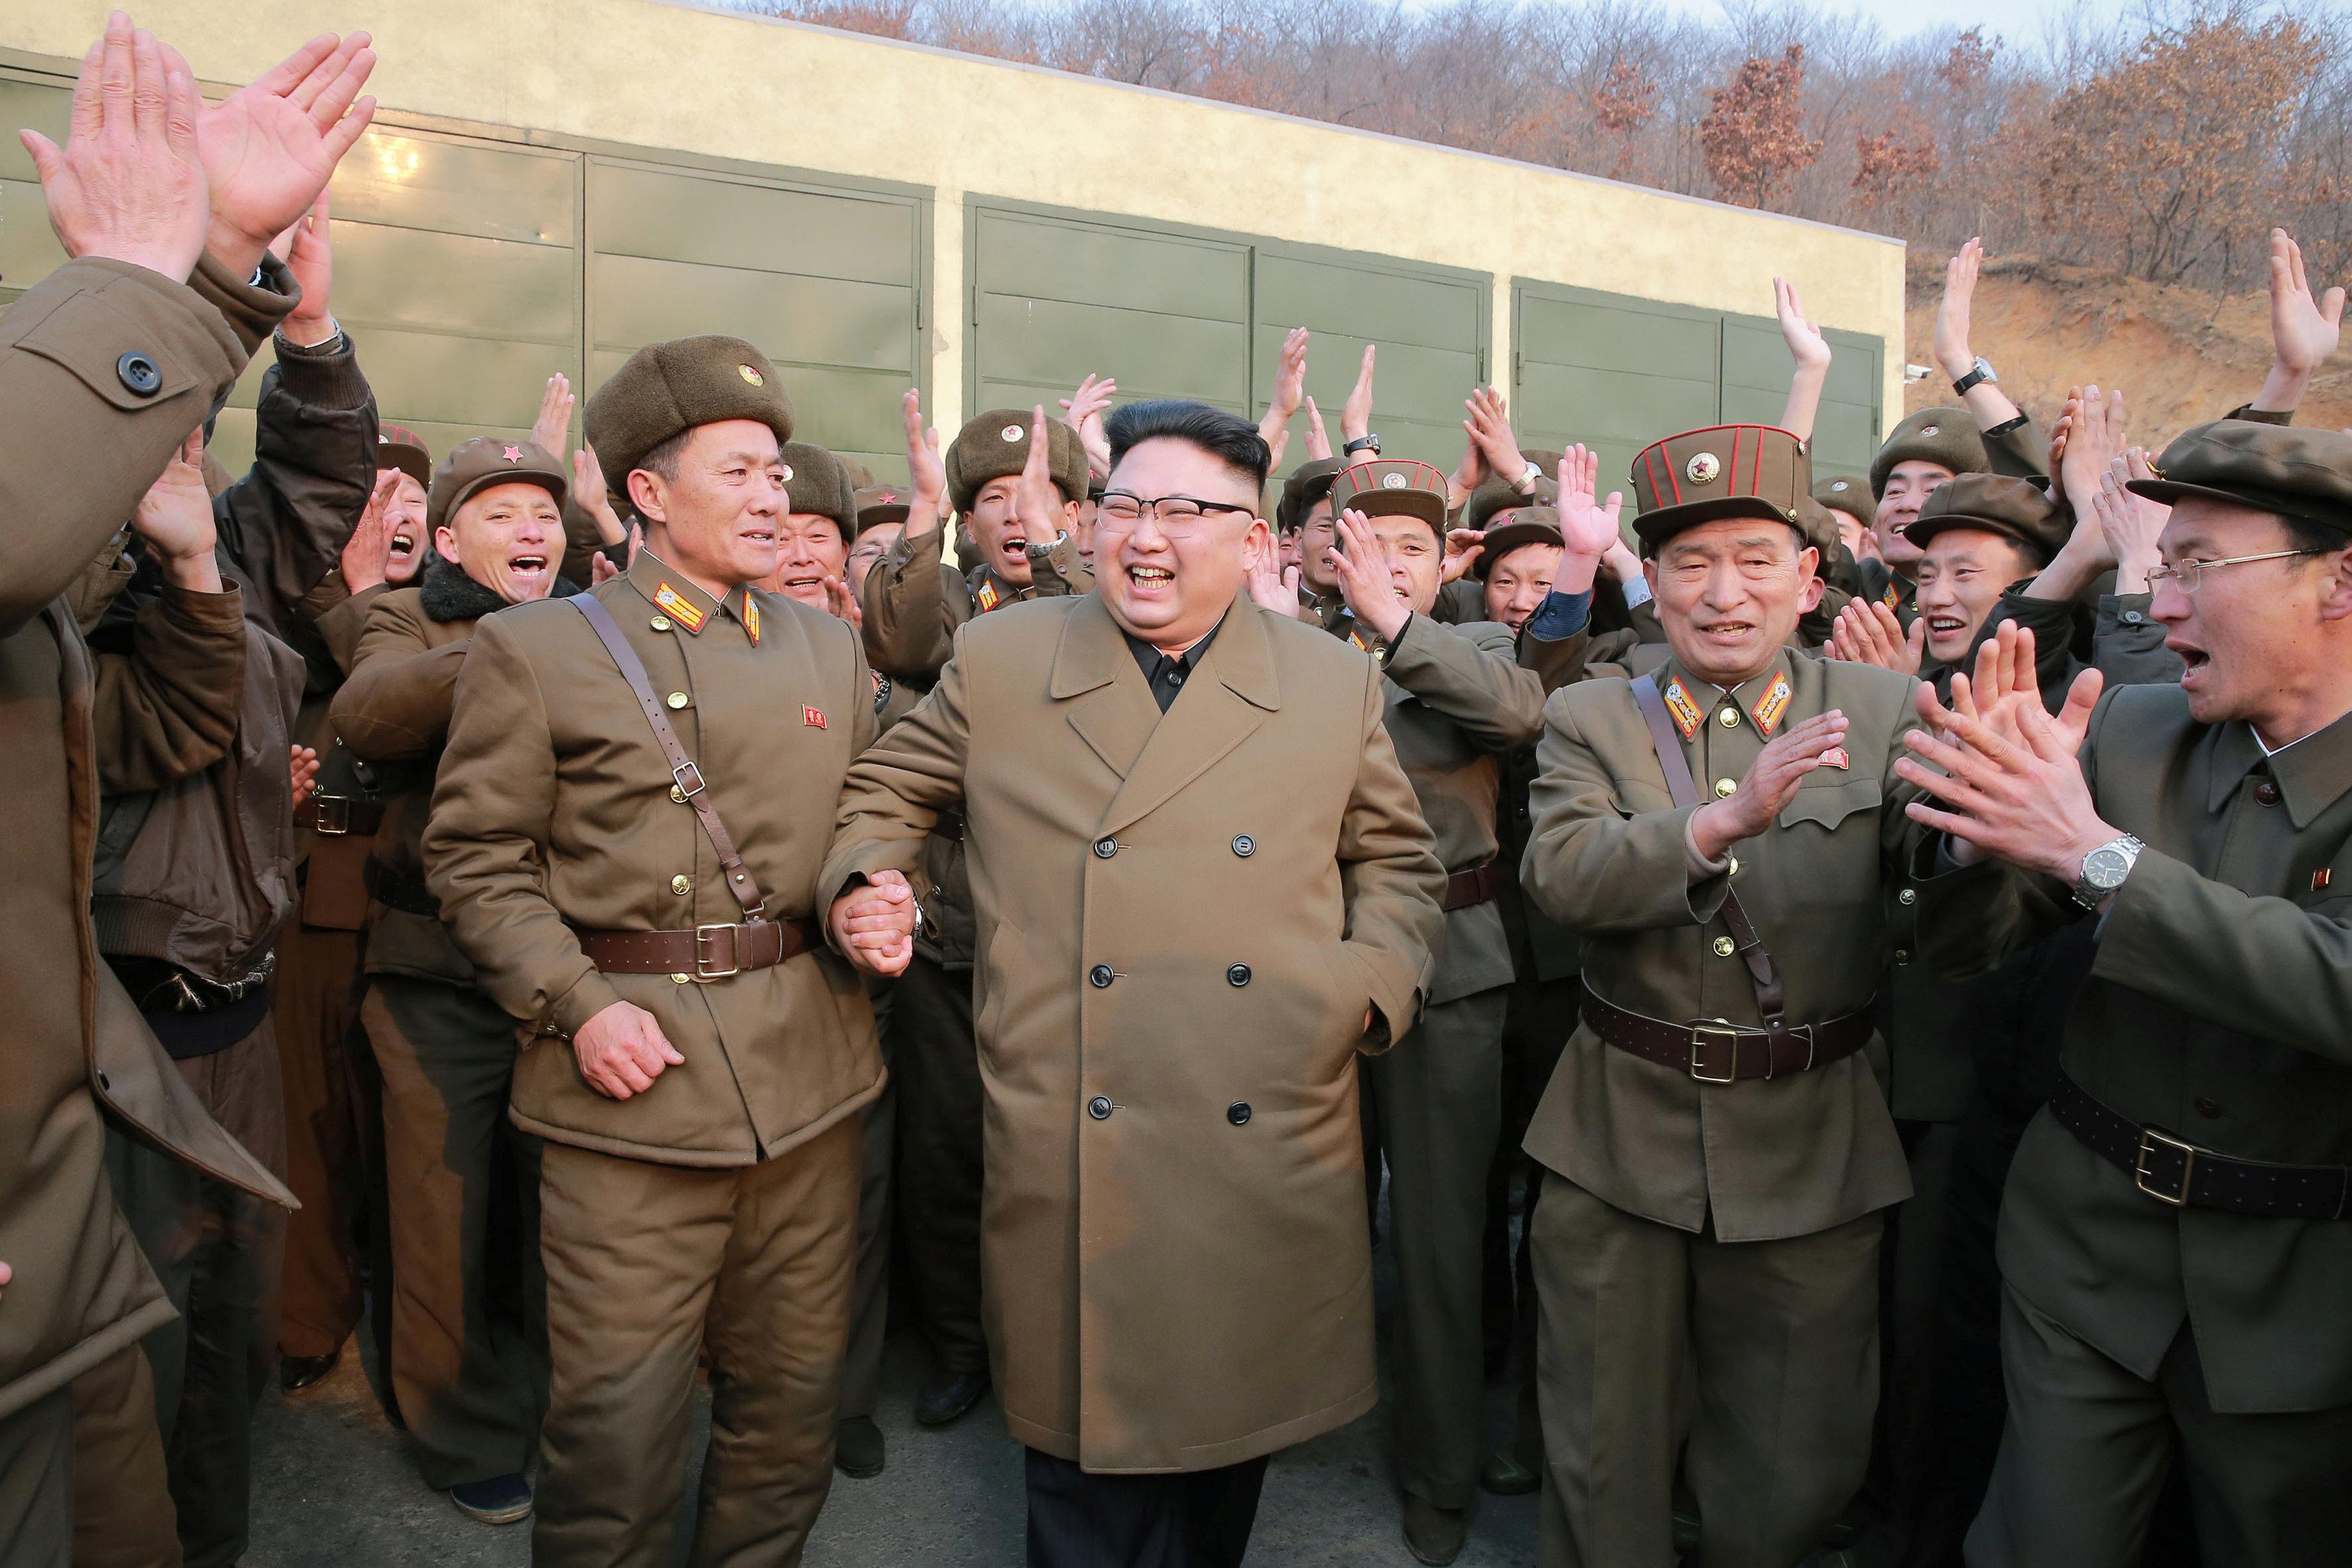 زعيم  كوريا الشمالية وسط  قادة القوات المسلحة